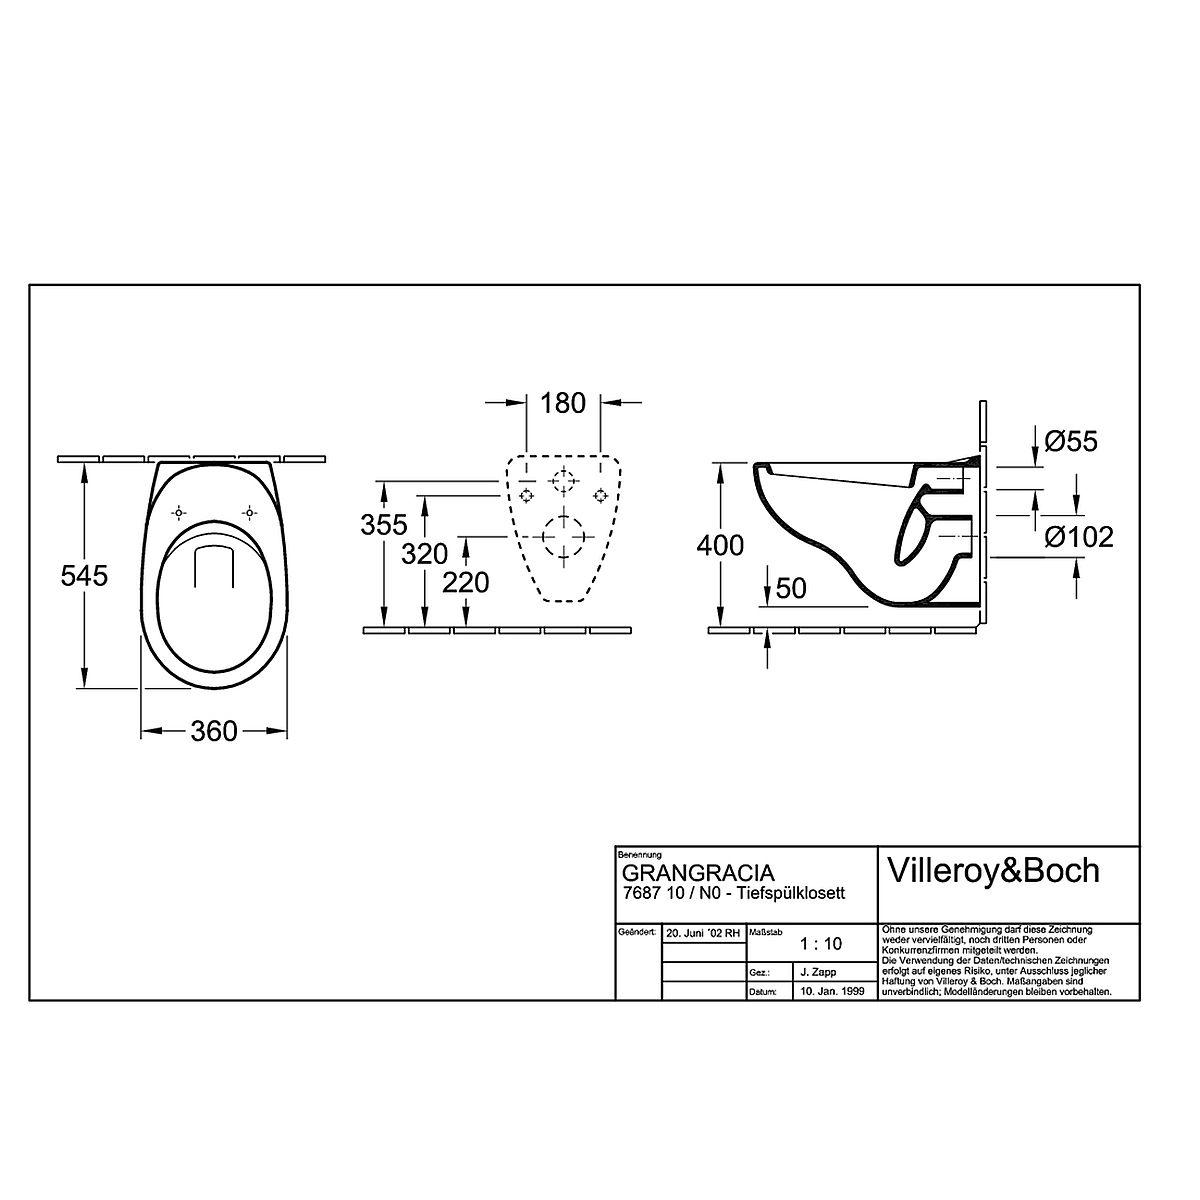 768710R1 Villeroy & Boch 7K8710R1 V&B Grangracia Vägghängd toalett 360x545 mm. Ceramic Plus